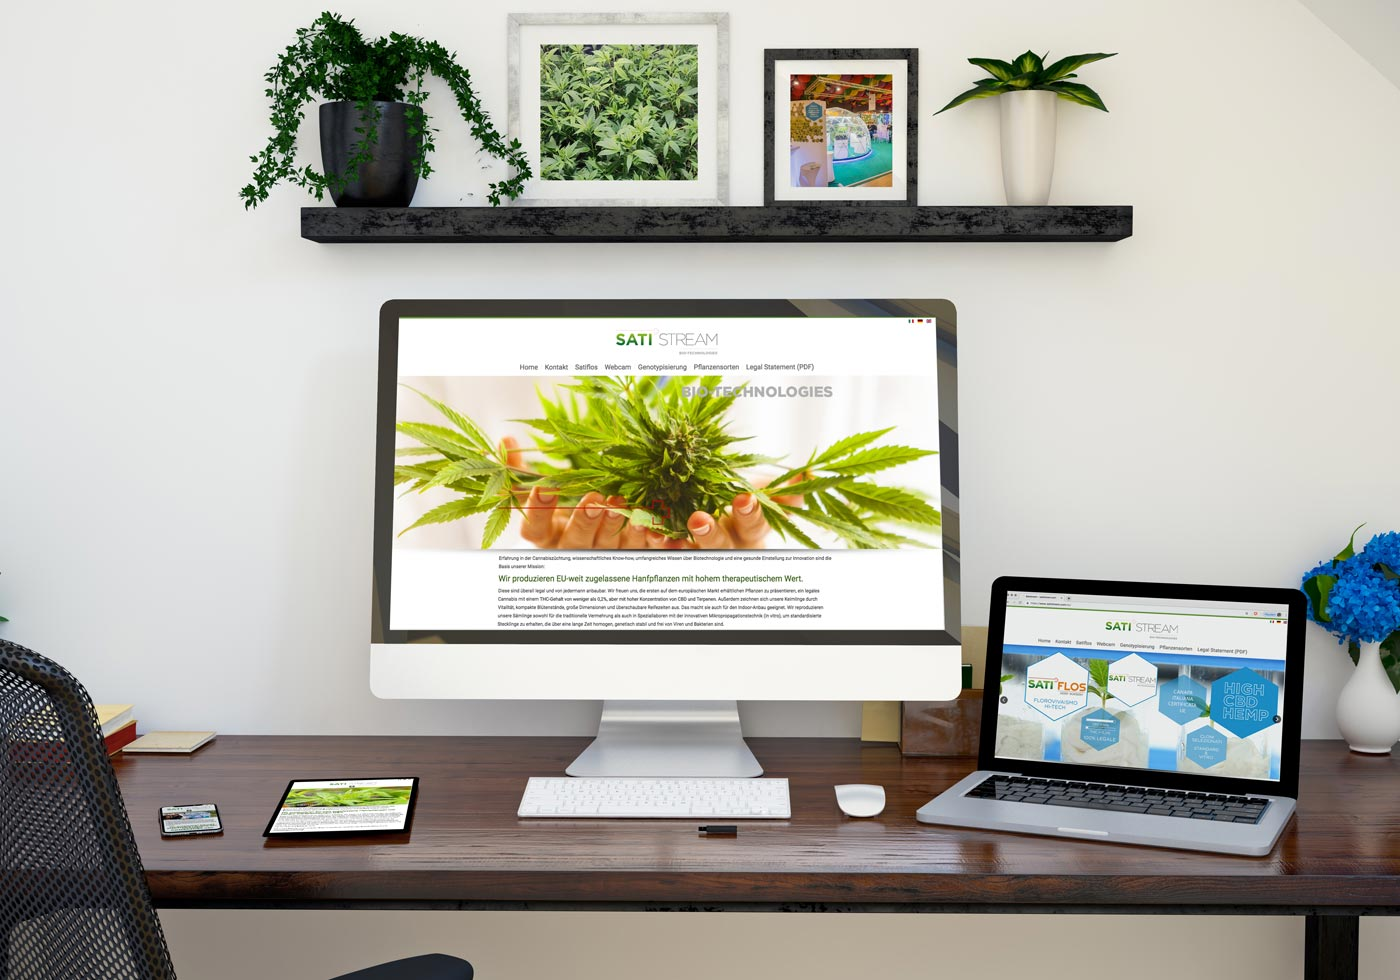 Webdesign aus Graz von Dieter Biernat, satistream.com